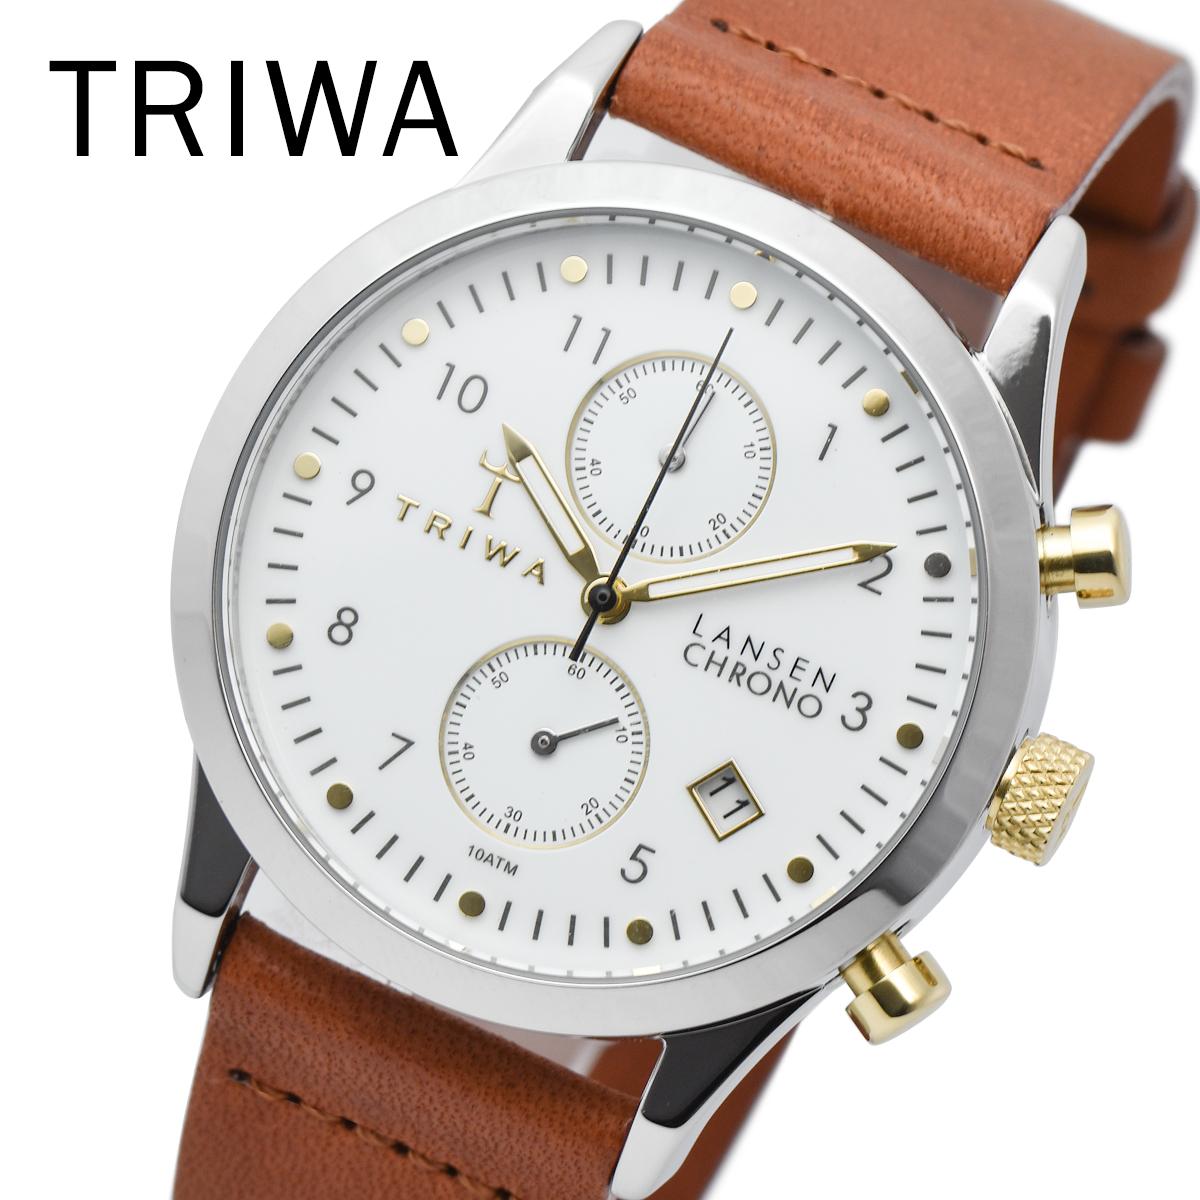 【全品送料無料】 TRIWA トリワ LCST106 CL010212 IVORY LANSEN CHRONO メンズ レディース ユニセックス 時計 腕時計 プレゼント 贈り物 ギフト 彼氏 フォーマル カジュアル ペアウォッチ 北欧[あす楽]